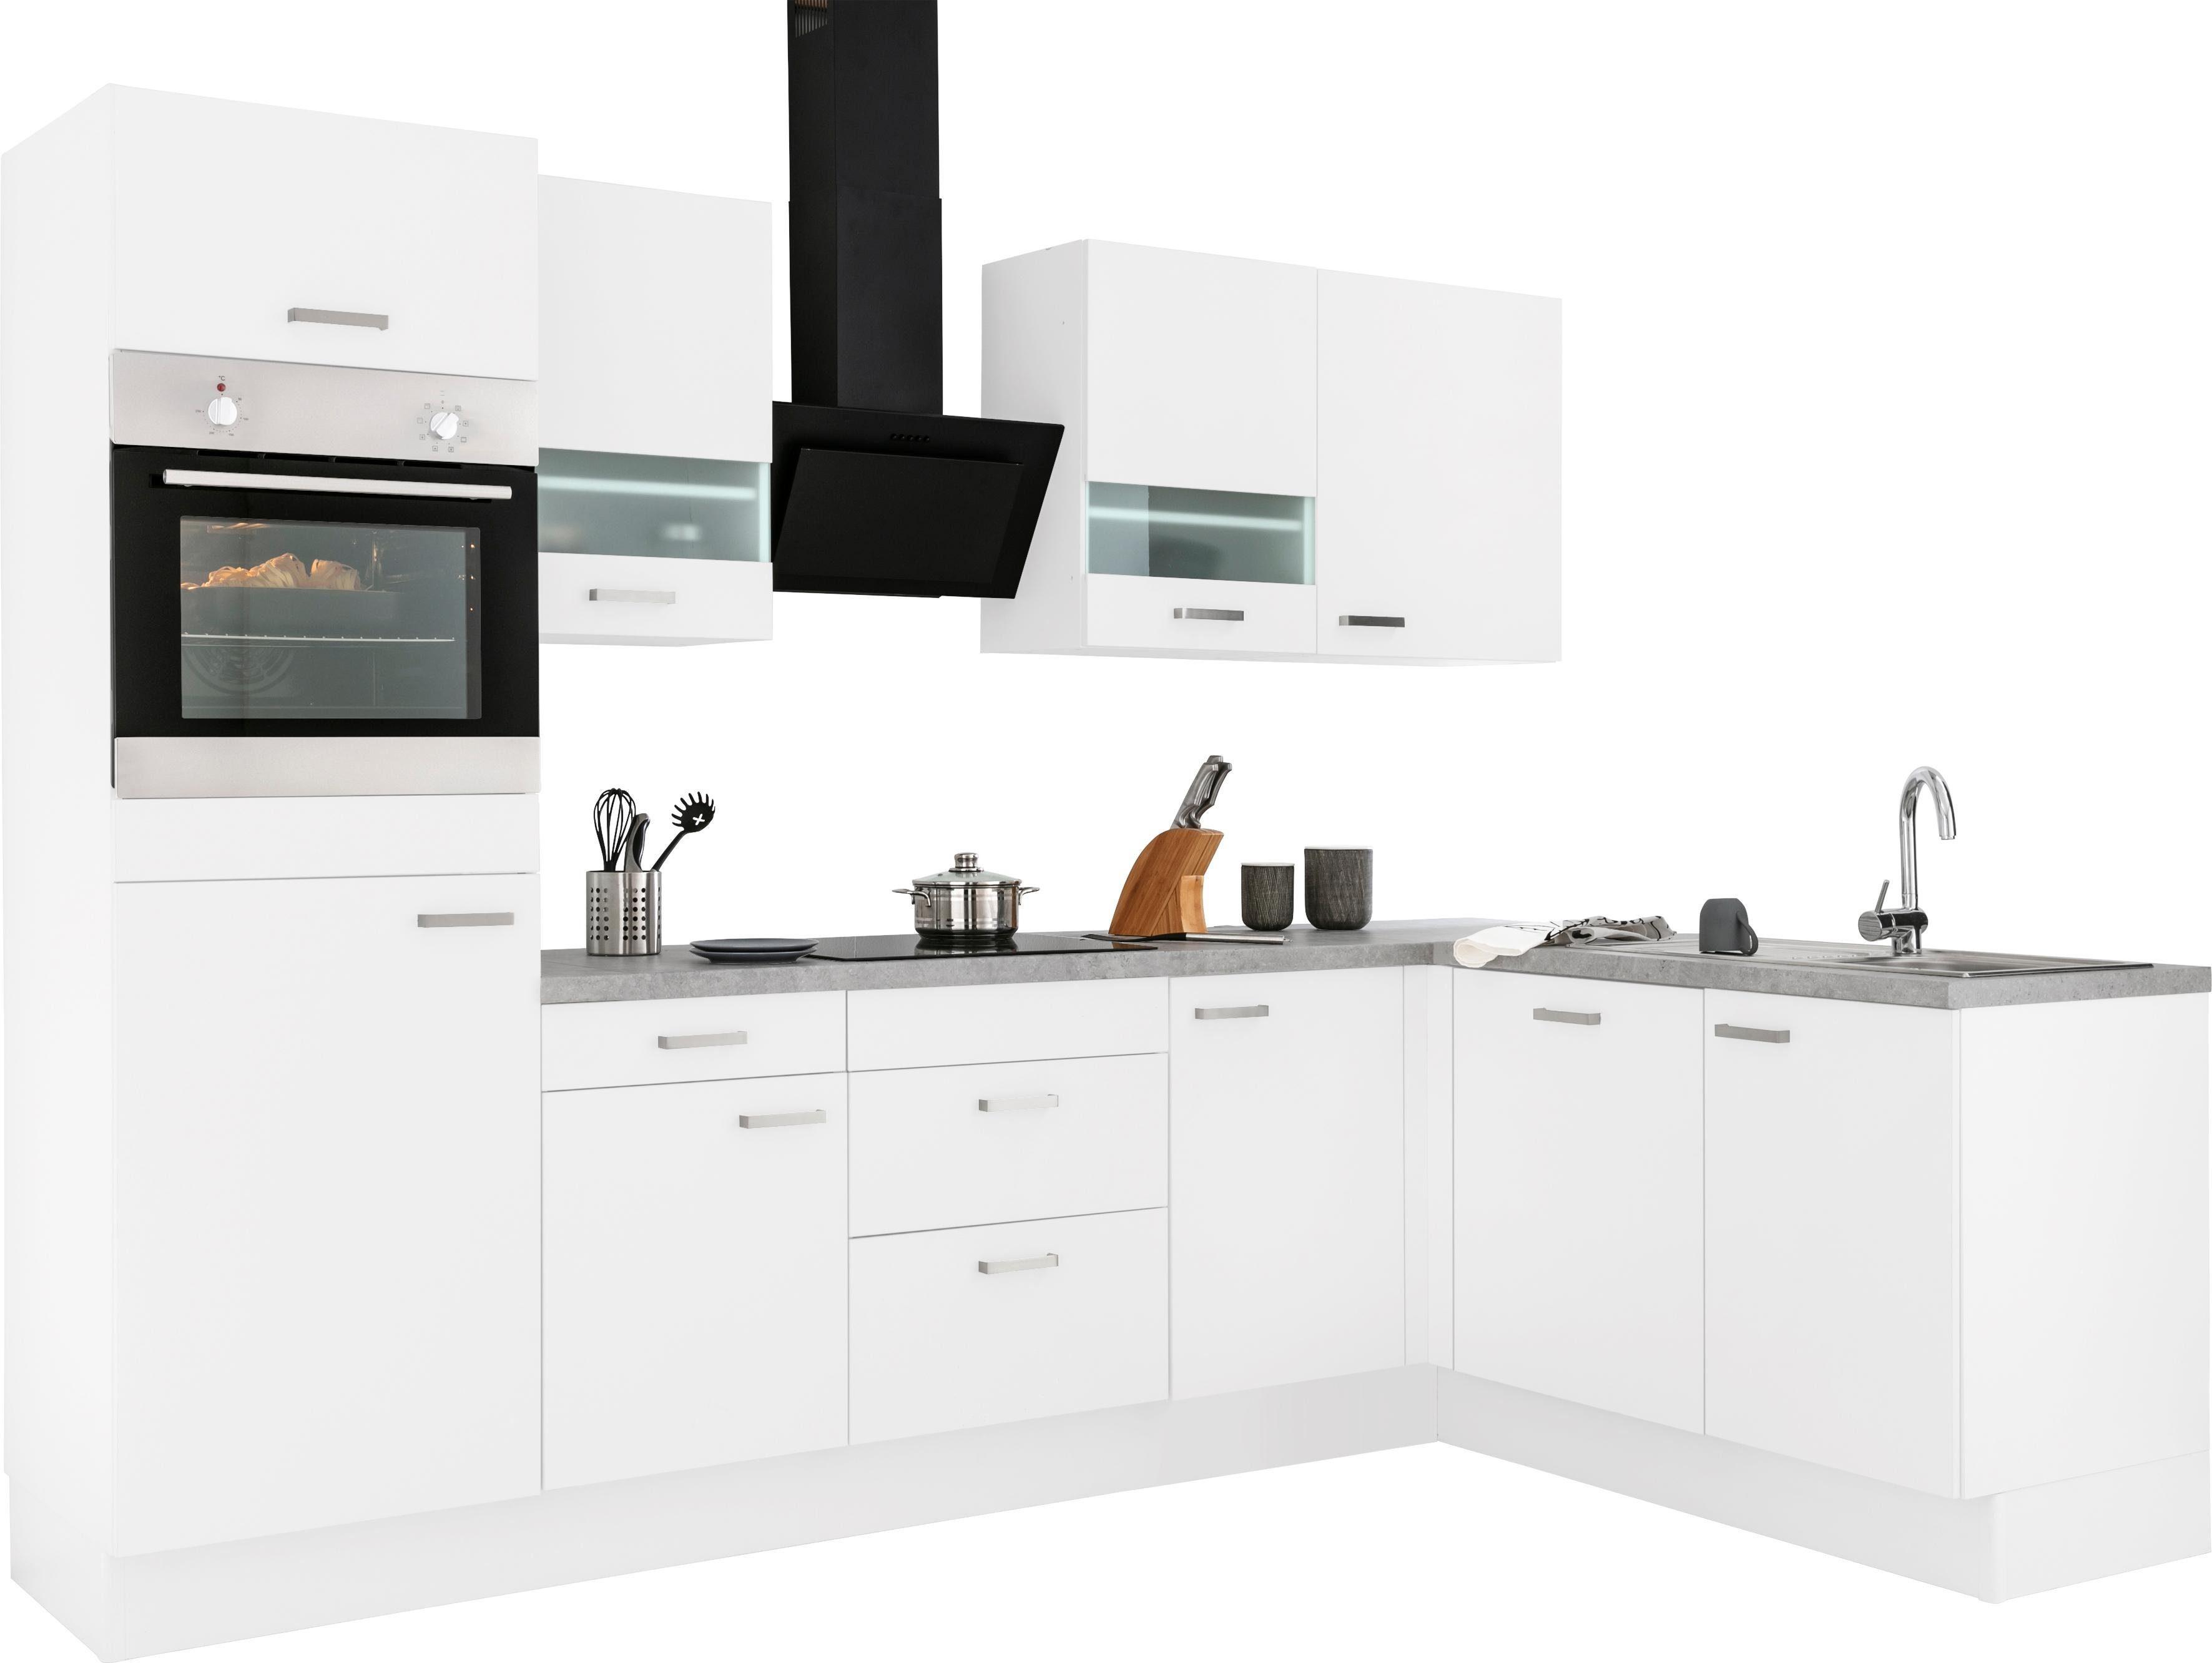 OPTIFIT Winkelküche Parma ohne E-Geräte Stellbreite 285 x 175 cm